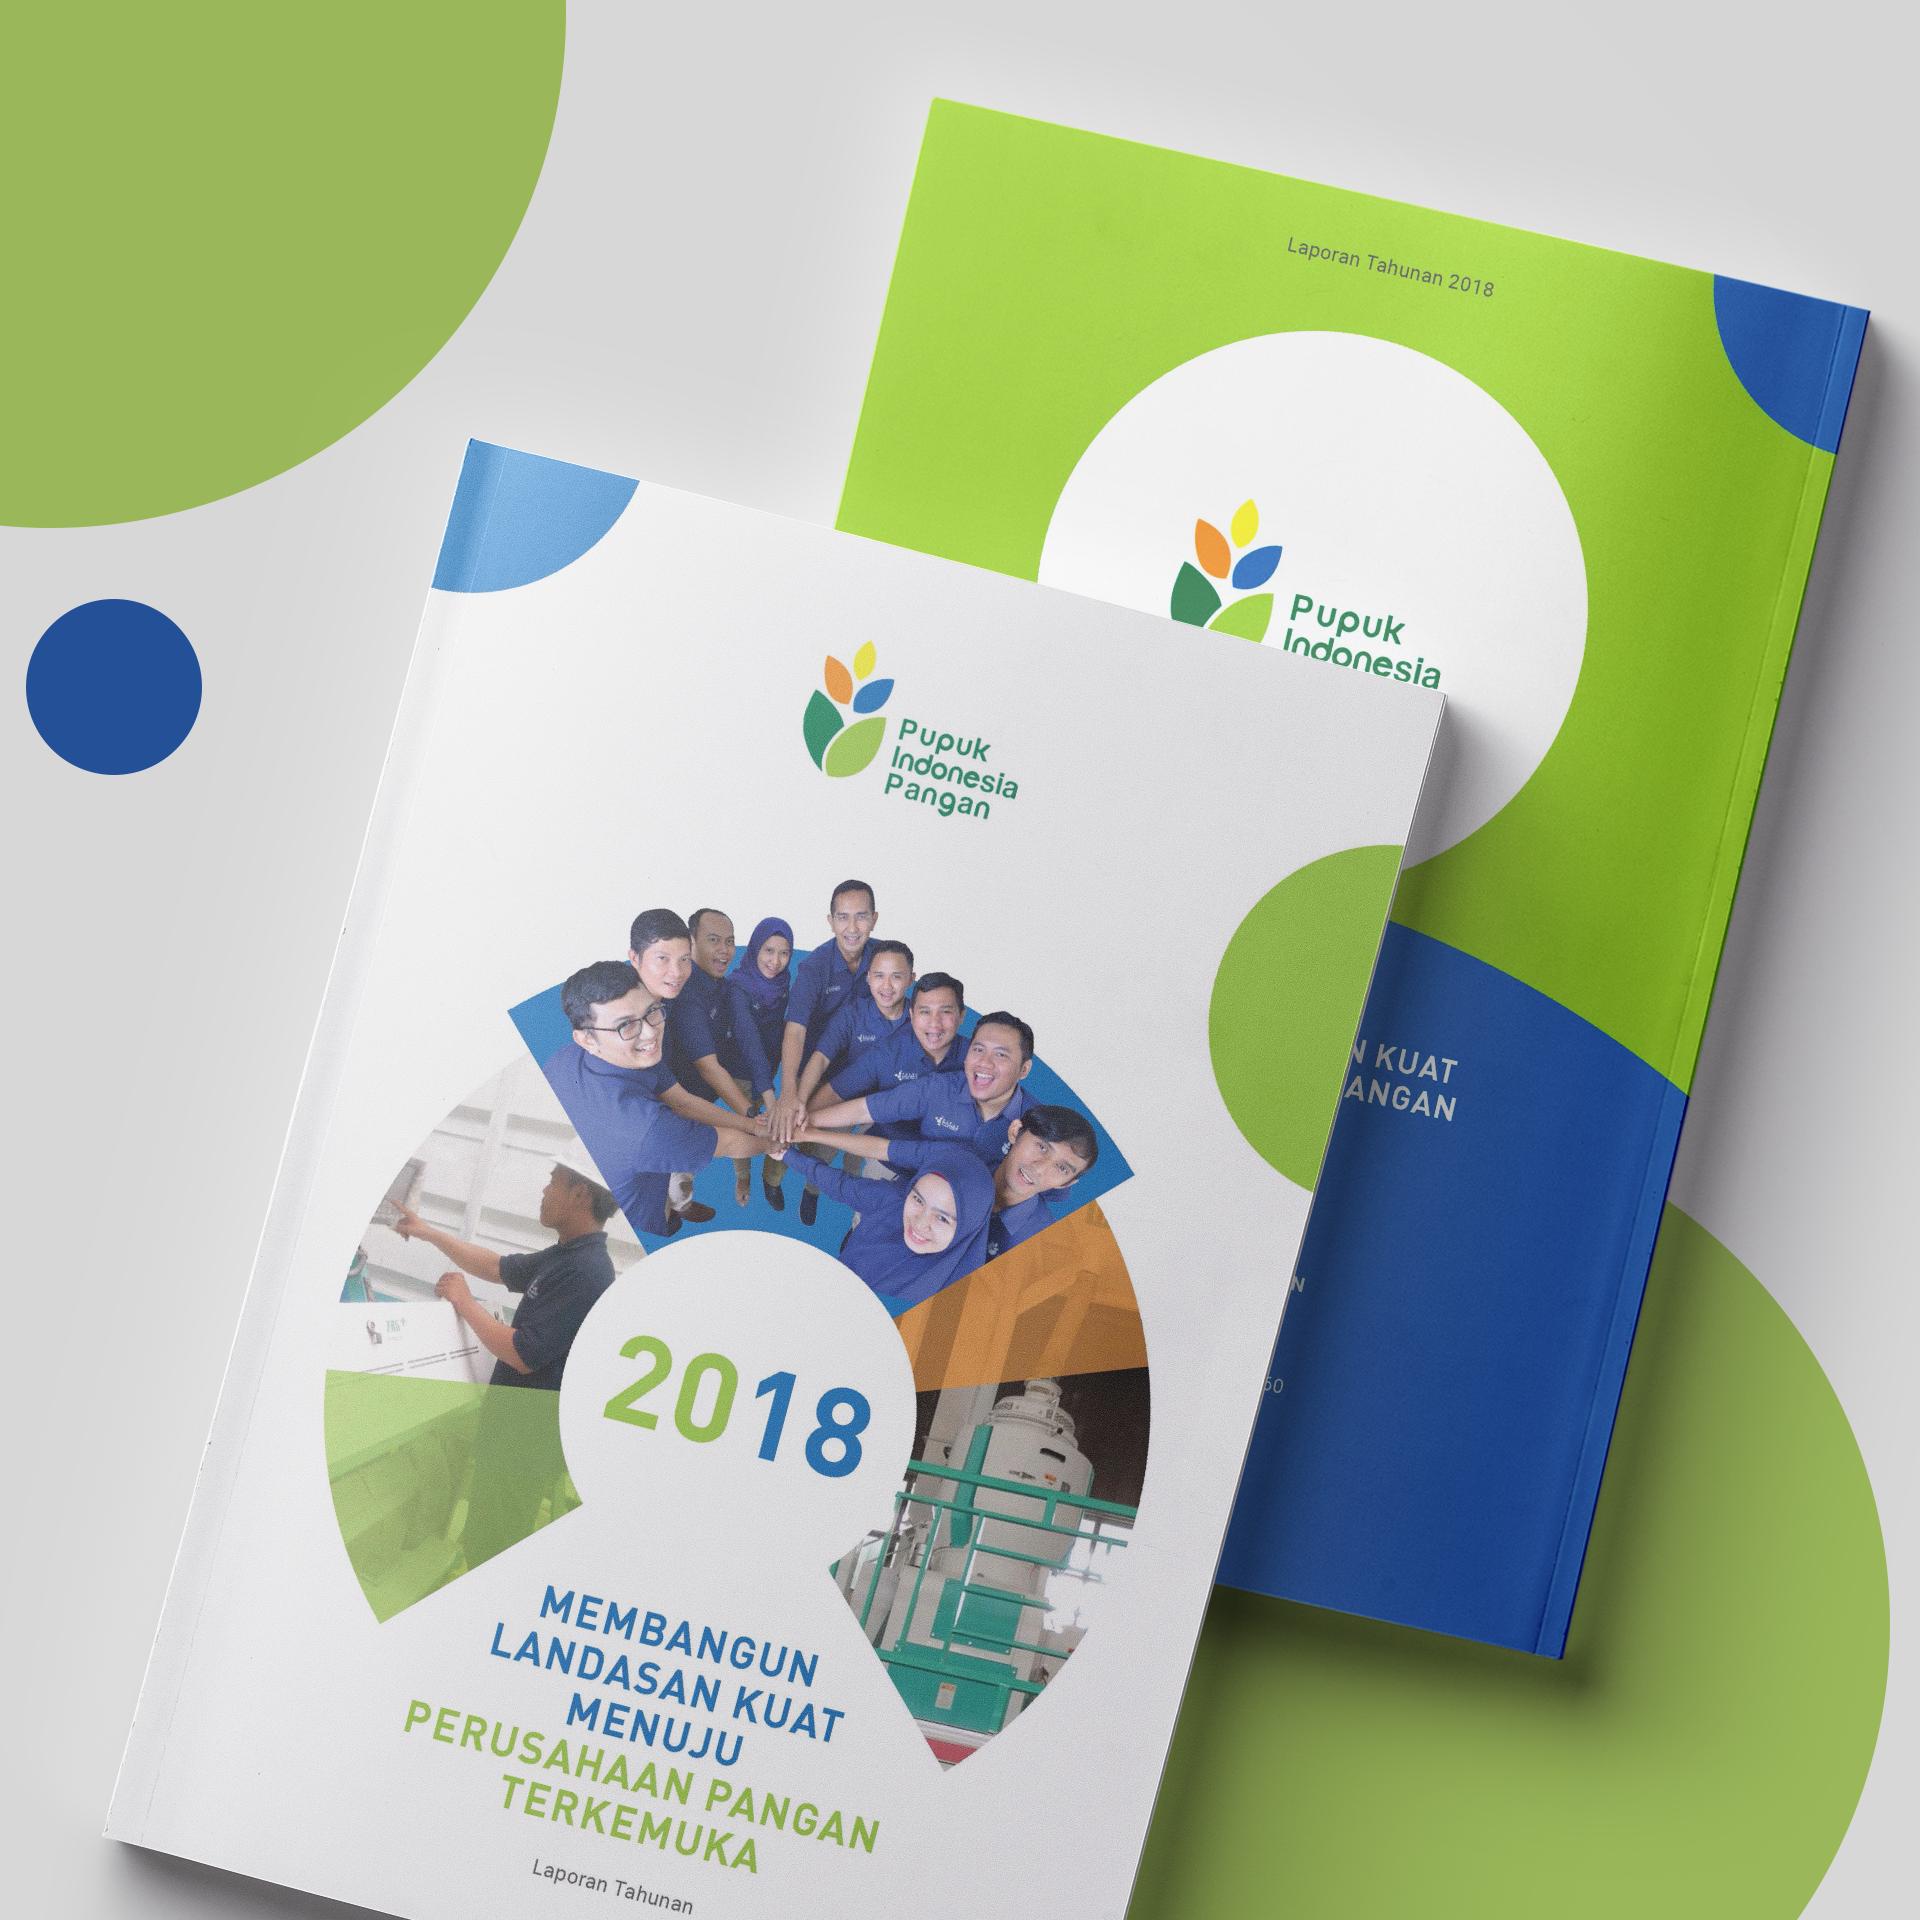 Annual report PT Pupuk Indonesia Pangan